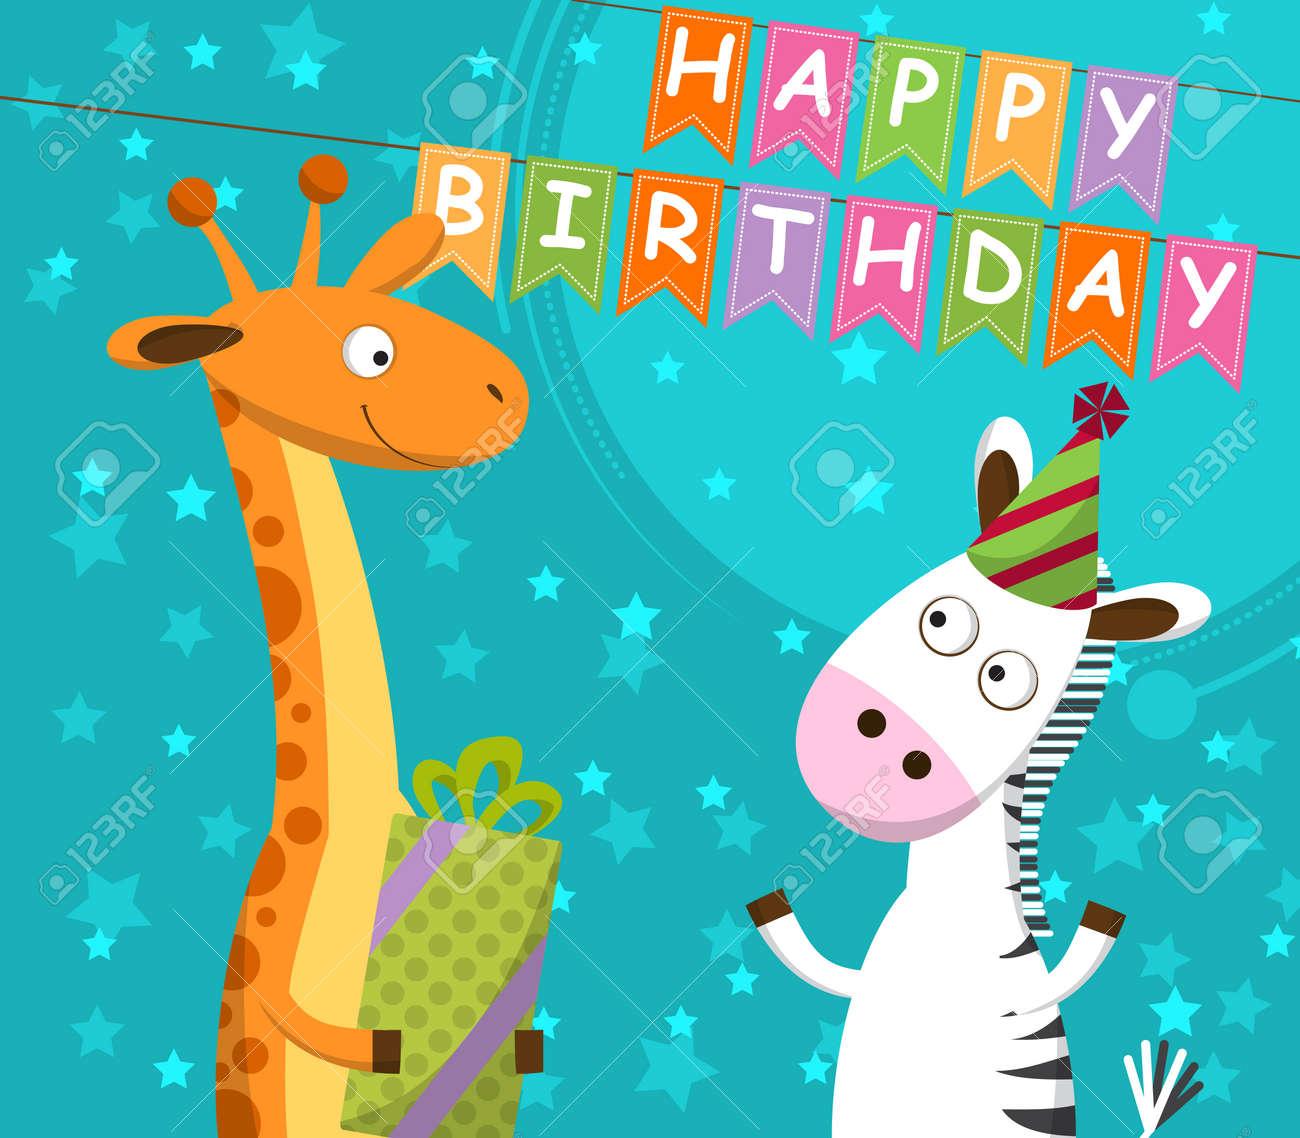 Carte Anniversaire Zebre.Carte Postale Avec Girafe Et Zebre Qui Celebrent L Anniversaire Illustration Vectorielle